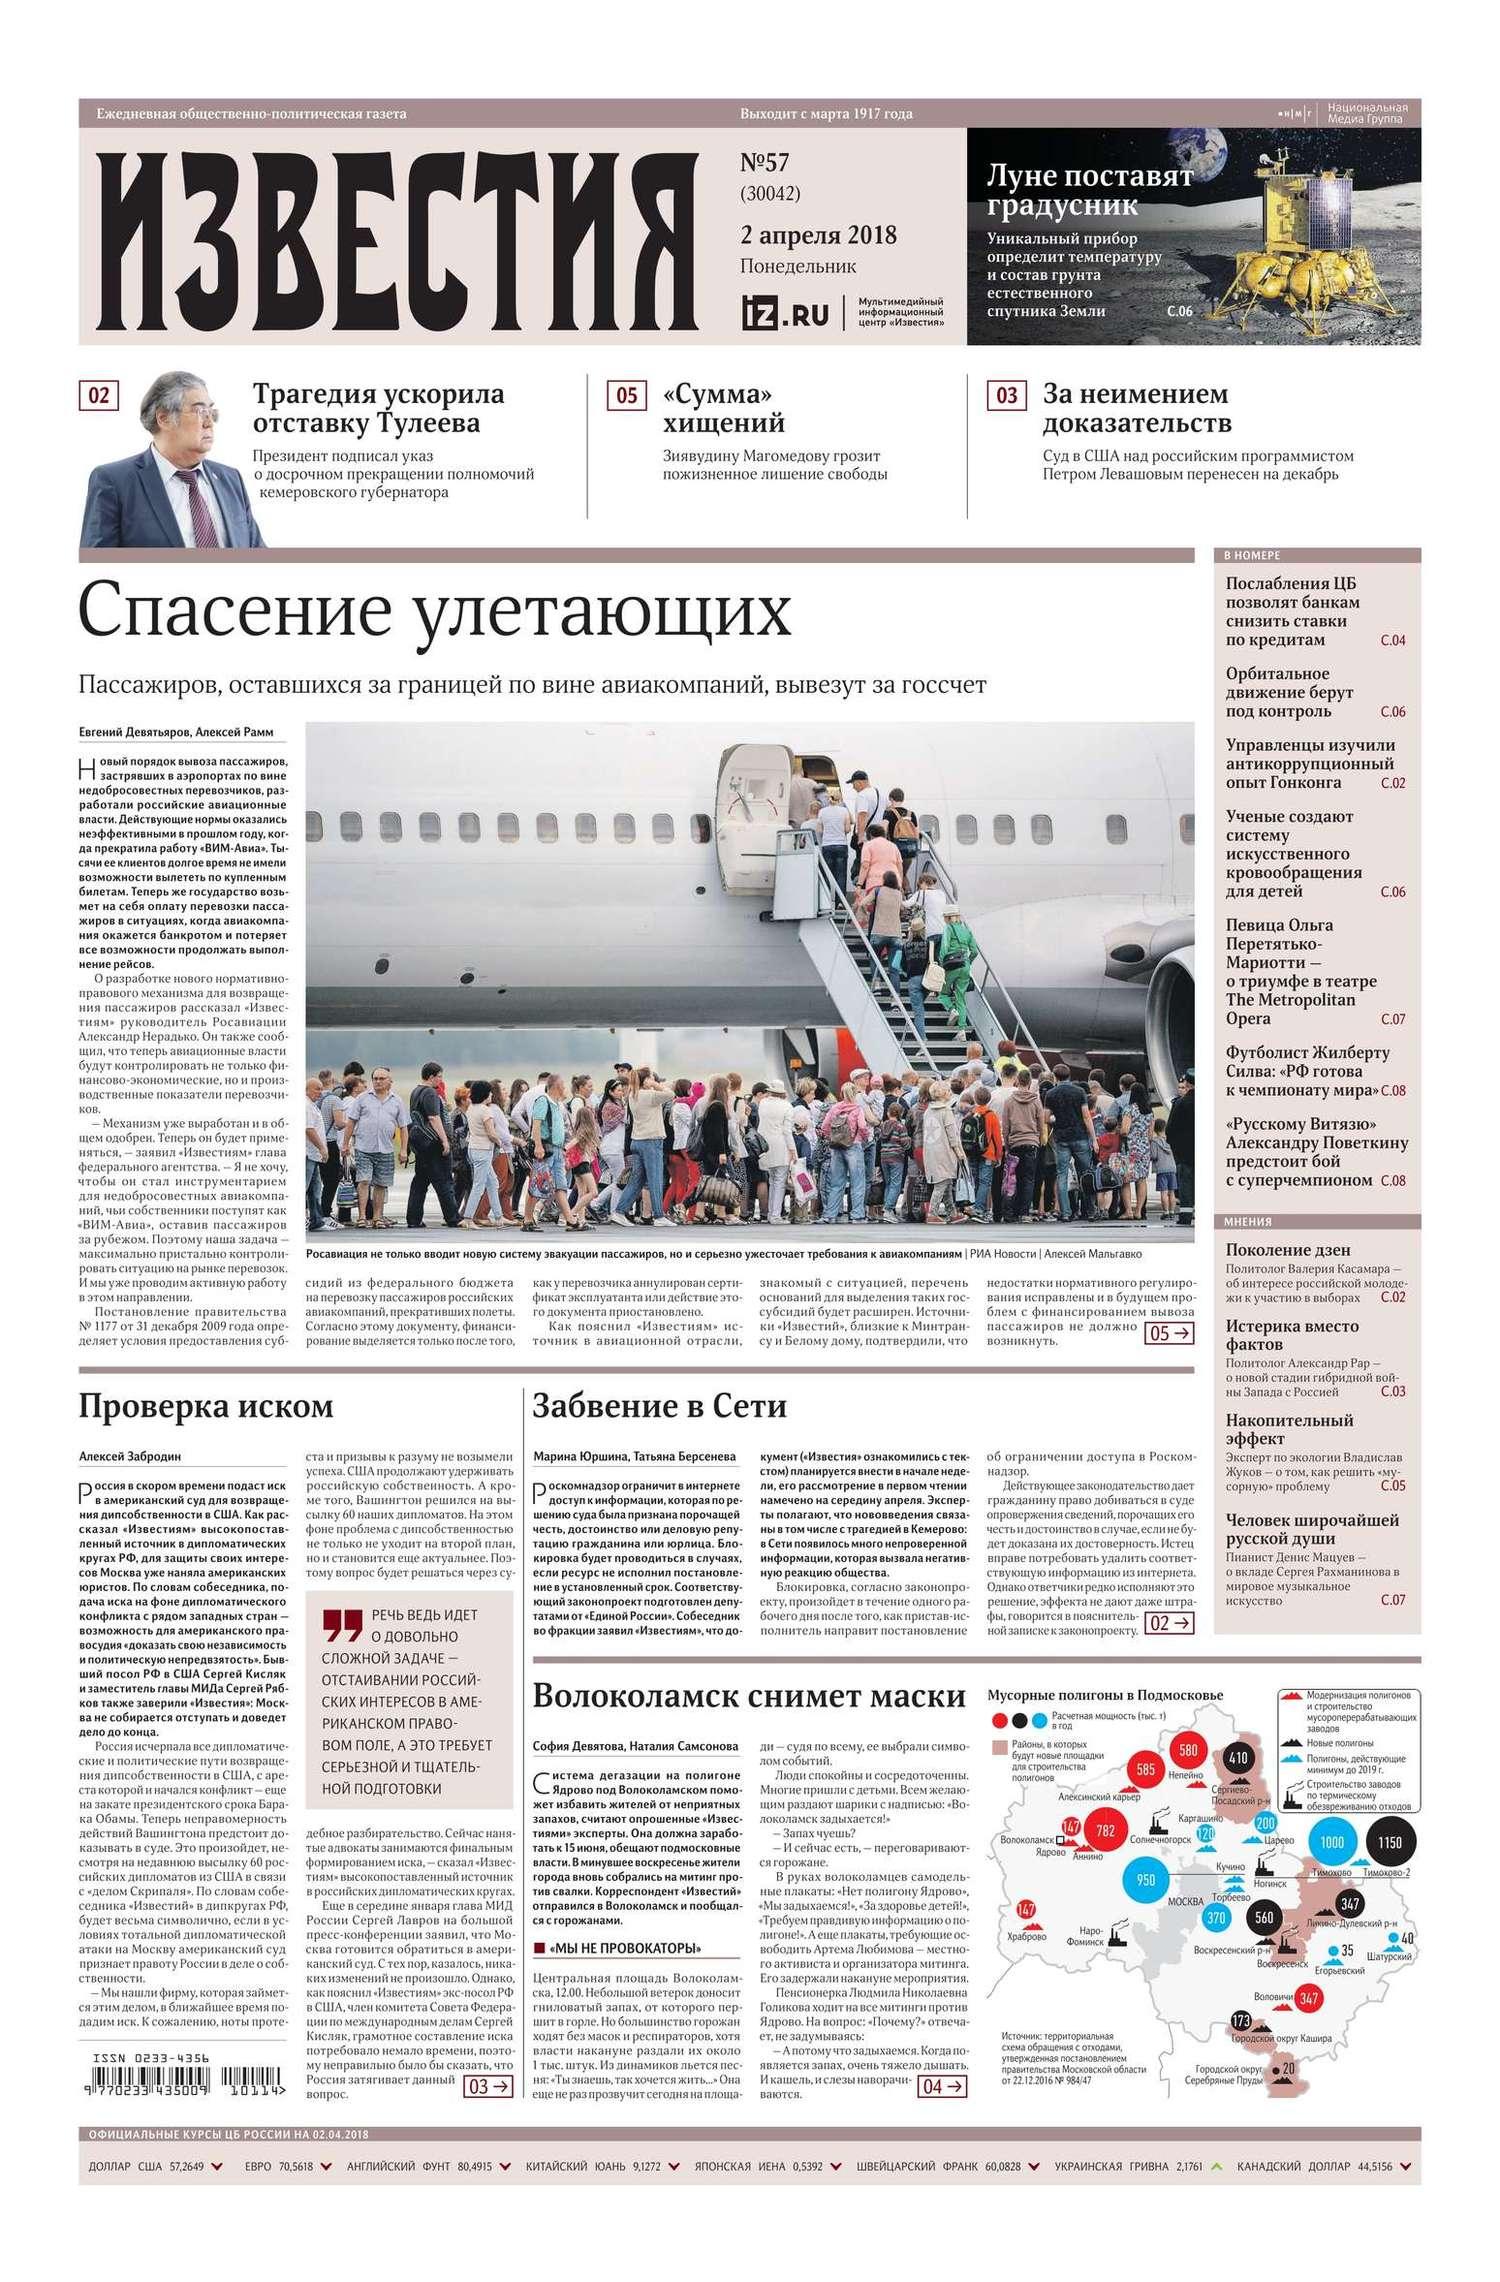 Редакция газеты Известия. Известия 57-2018